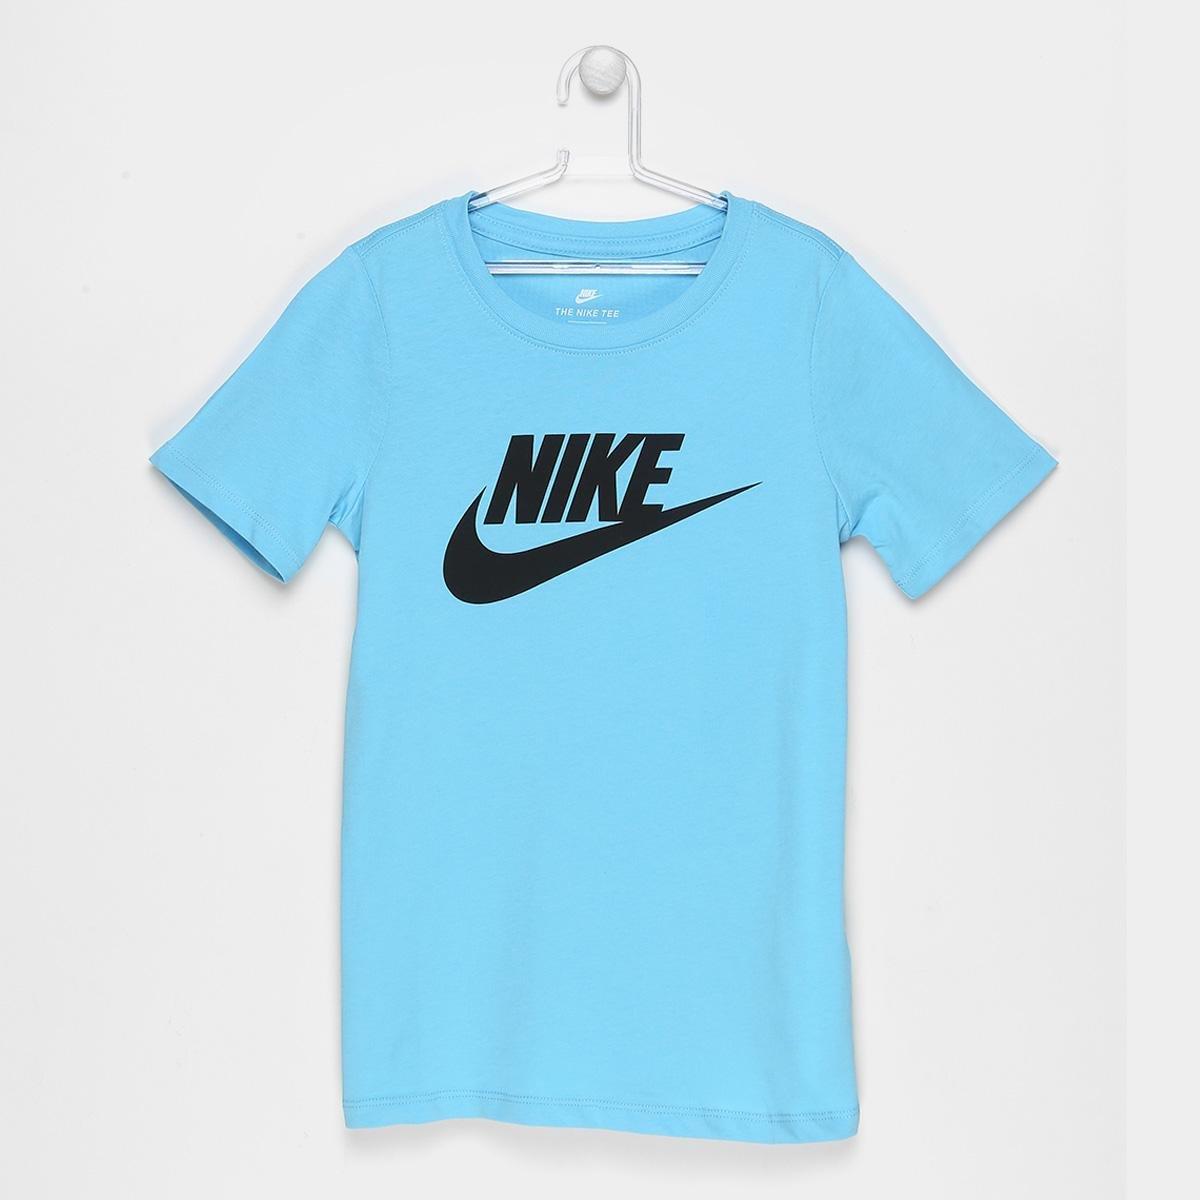 183711fbe5 Camiseta Nike Ctn Crew Fut Icon TD Tee Infantil - Preto e Azul ...